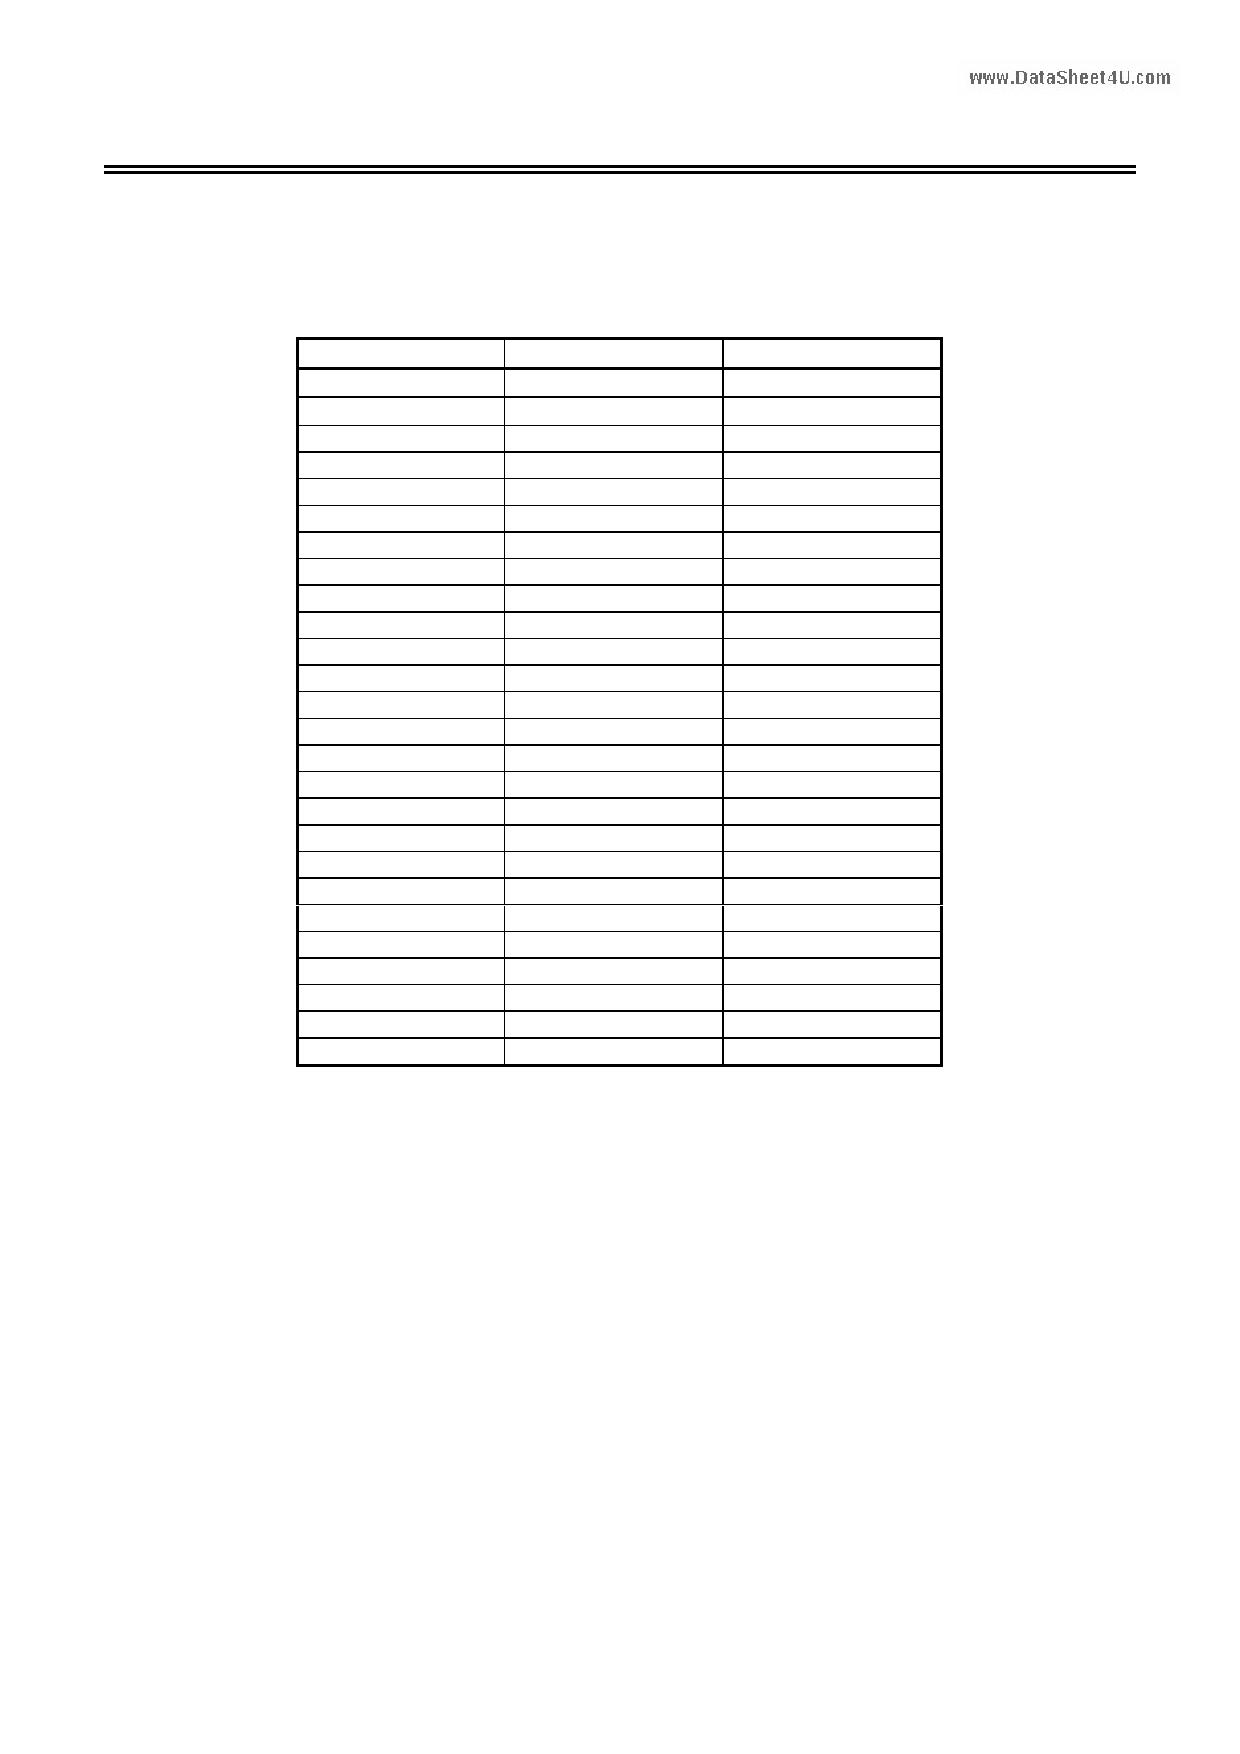 S-11L10 pdf